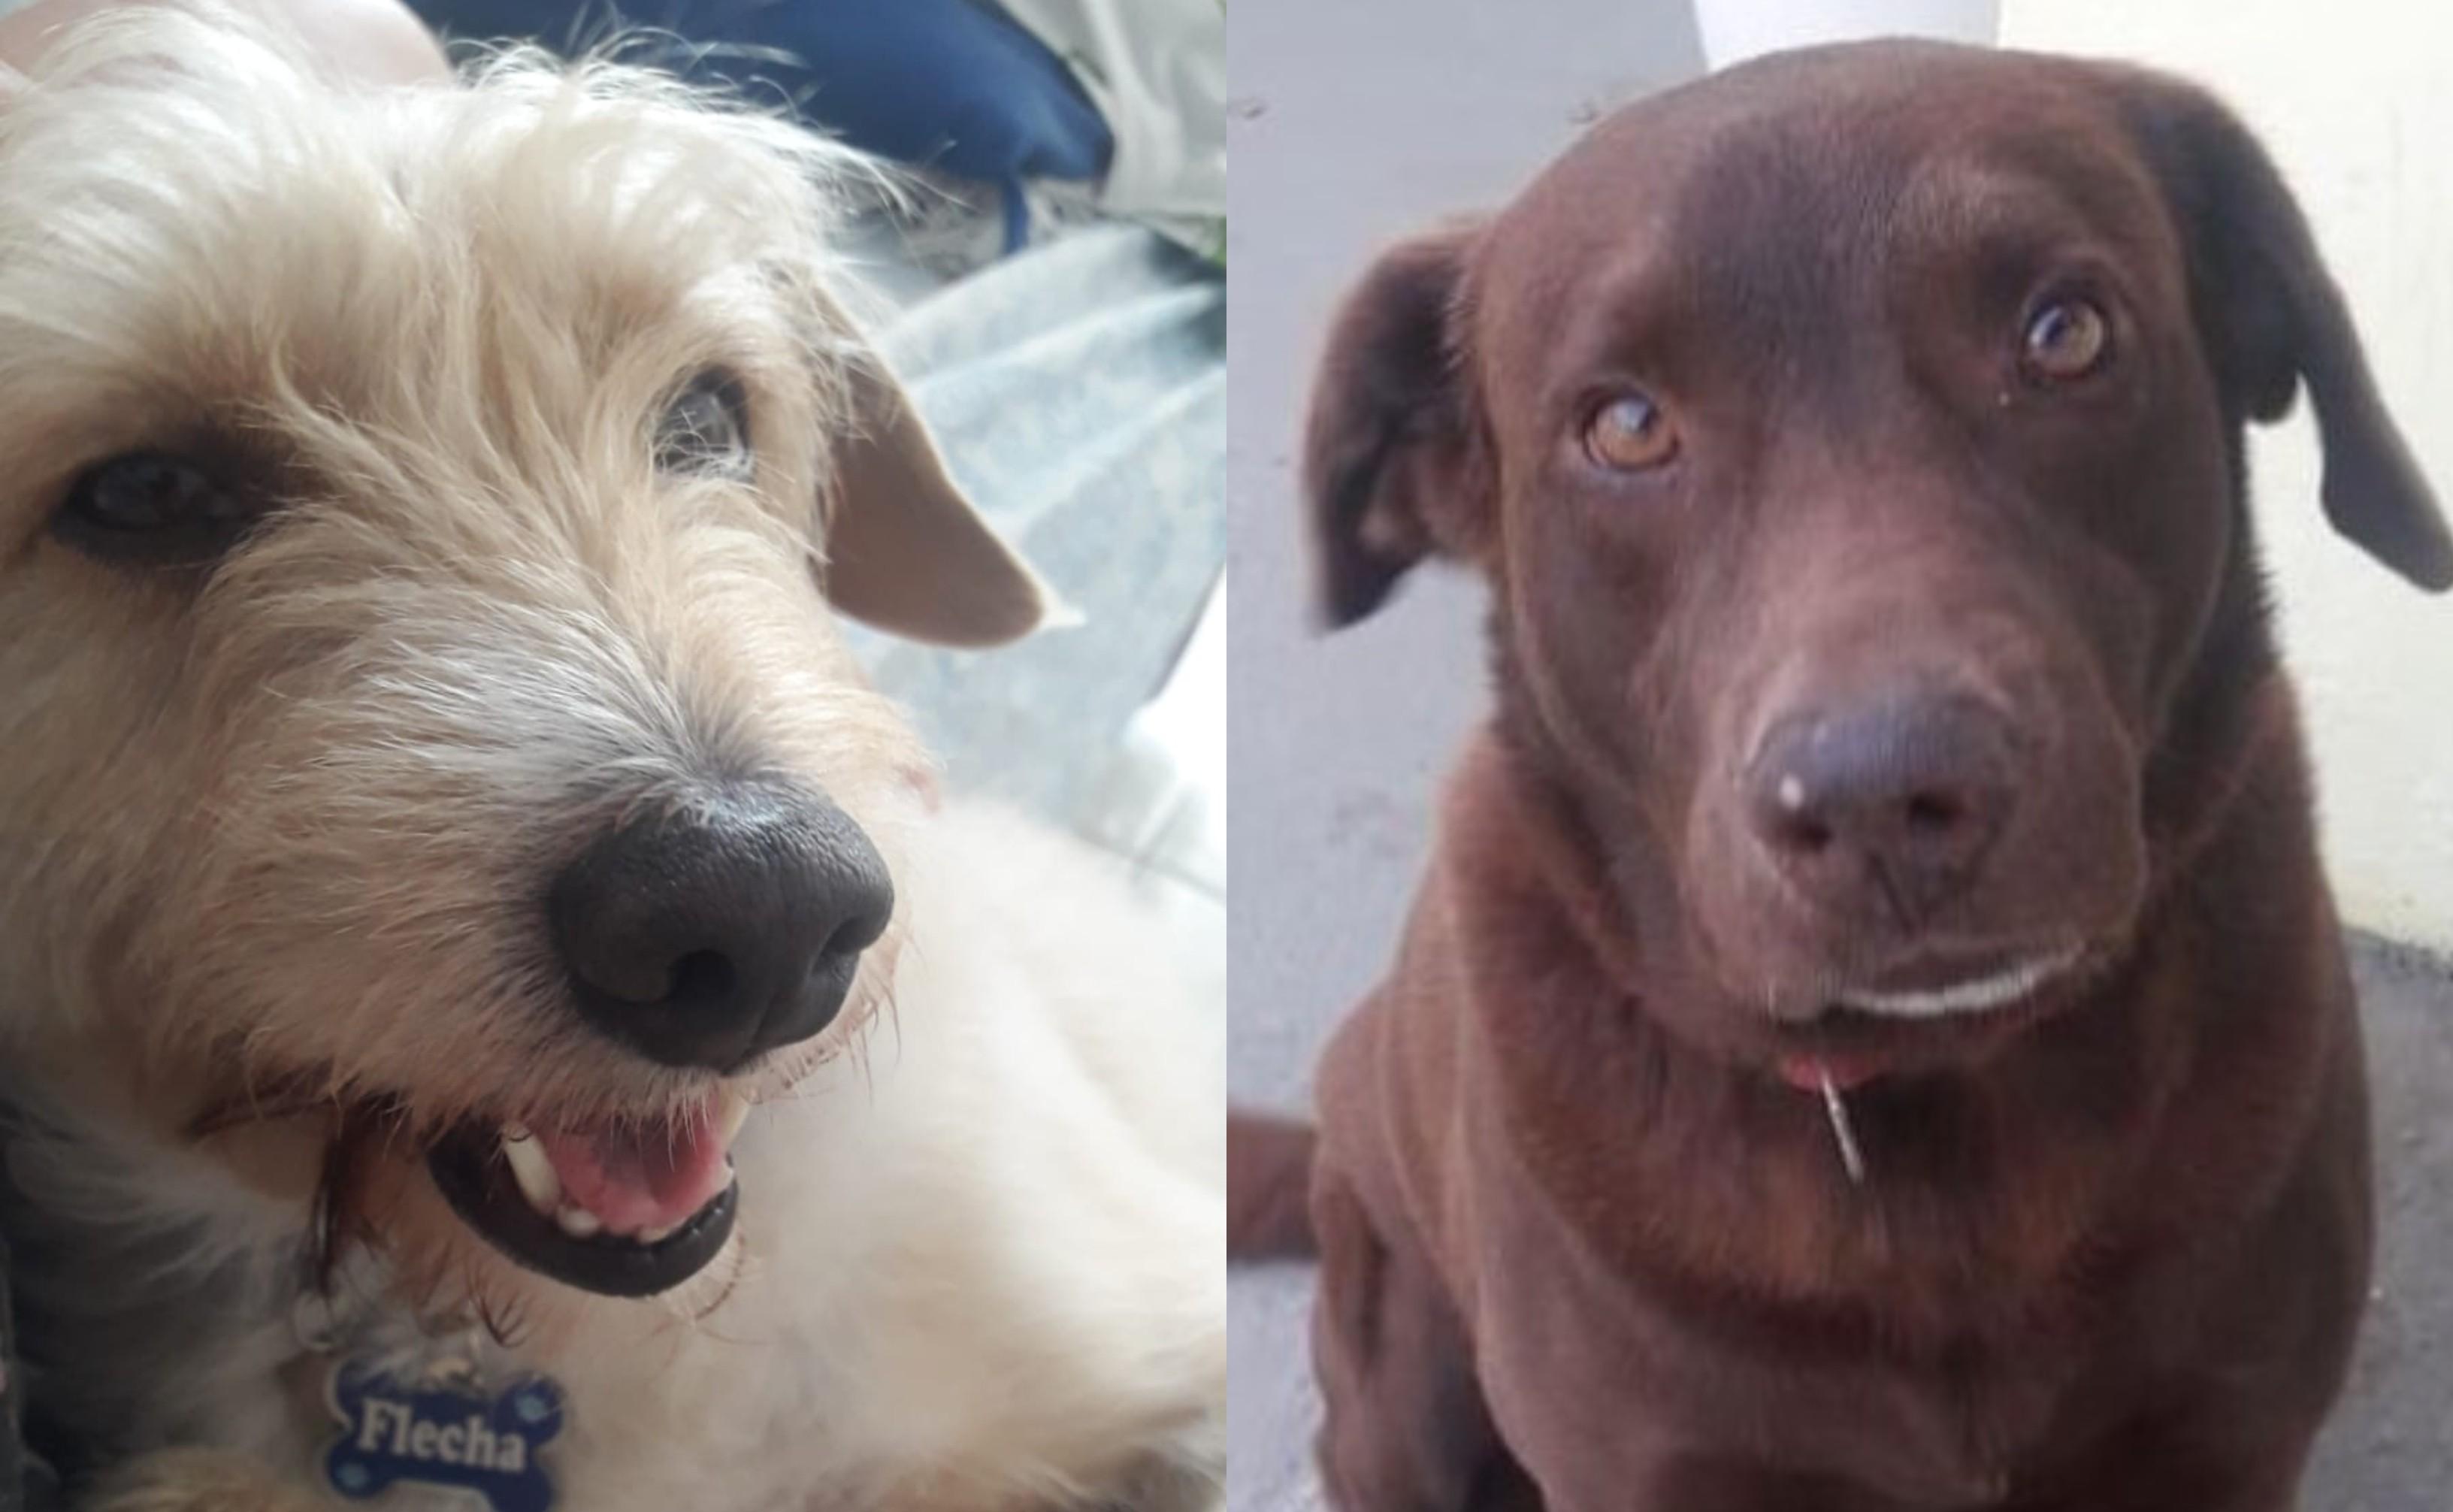 Cachorro de família com criança autista é envenenado e morto no litoral de SP: 'Sensação de desespero'